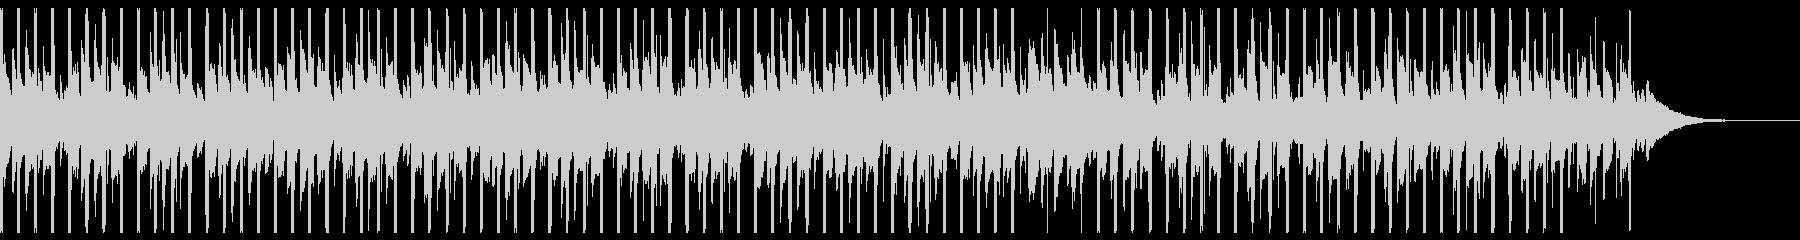 情報技術(50秒)の未再生の波形